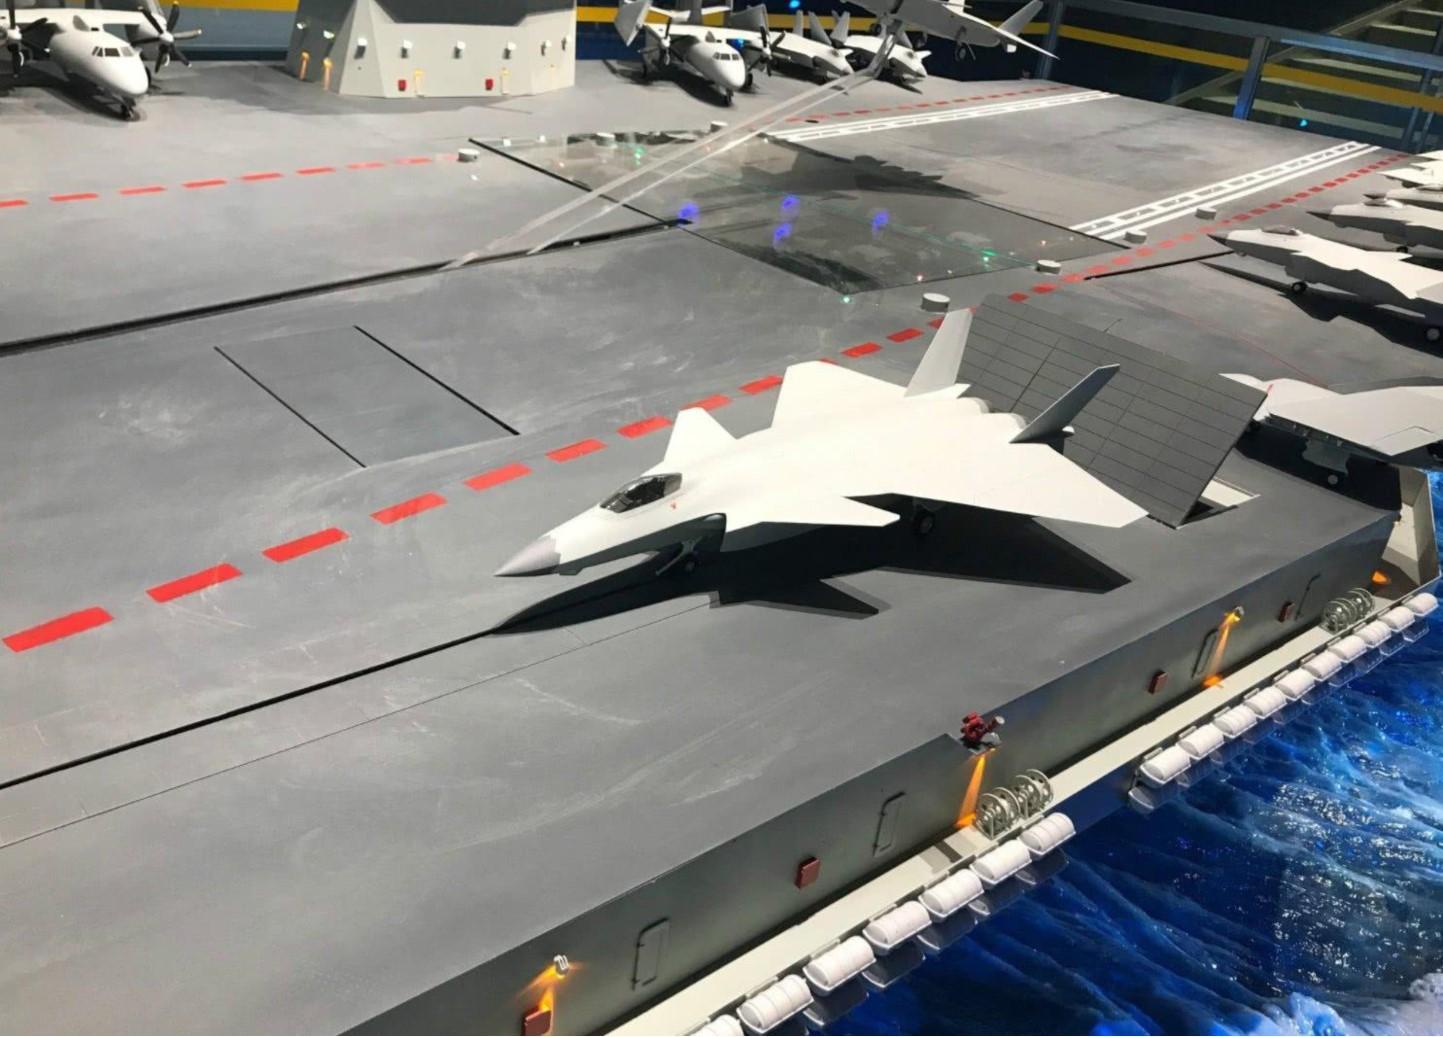 国产航母搭载歼20,一共能装多少架?数量超过福特搭载的F35